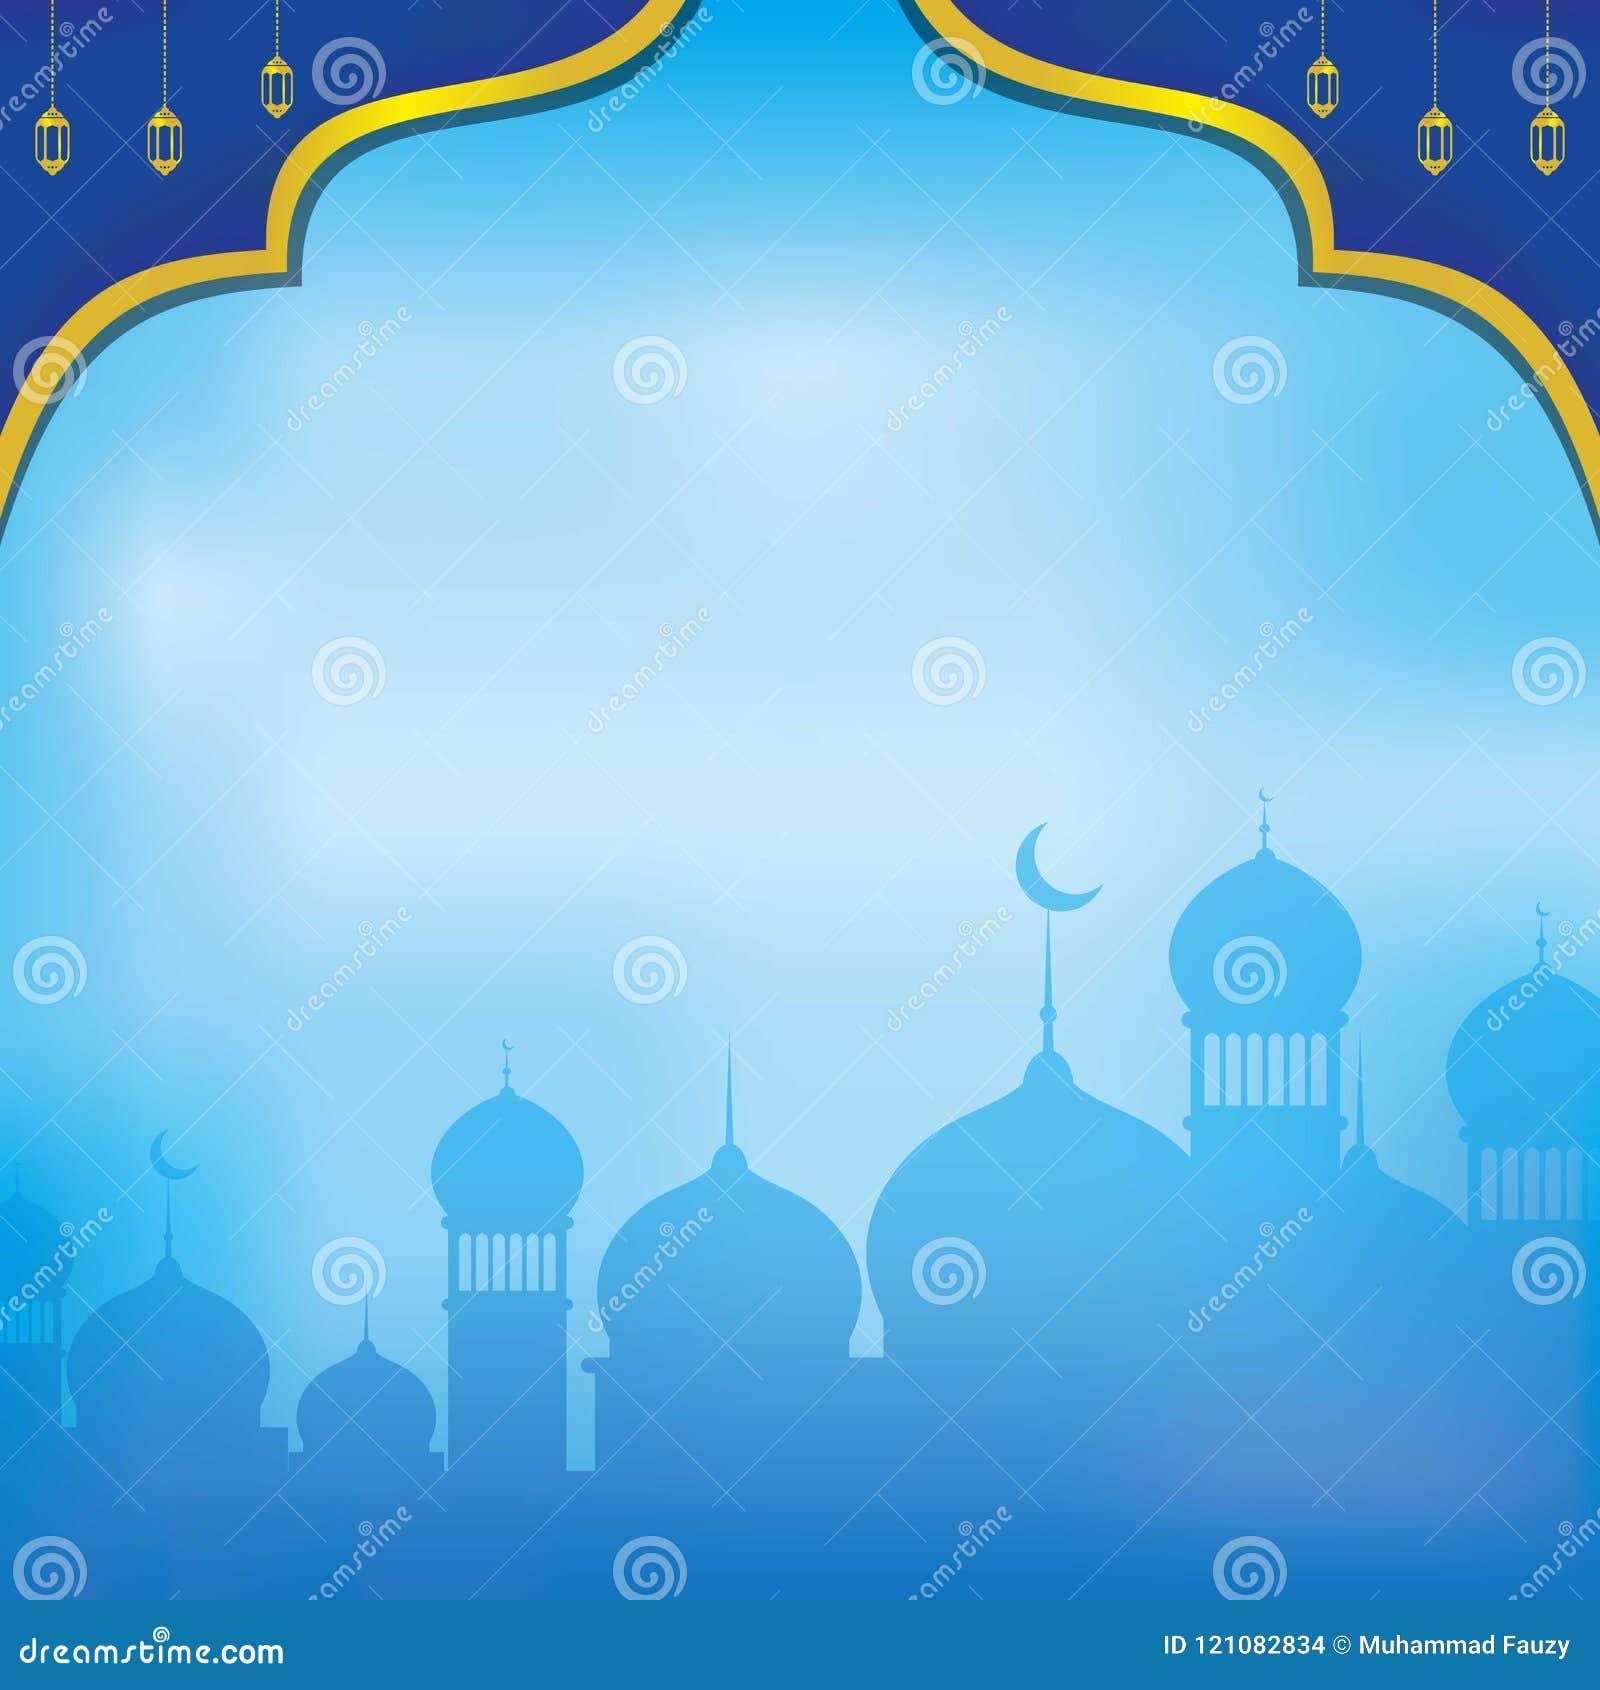 蓝色伊斯兰教的Backgound 与装饰品的蓝色伊斯兰教的墙纸